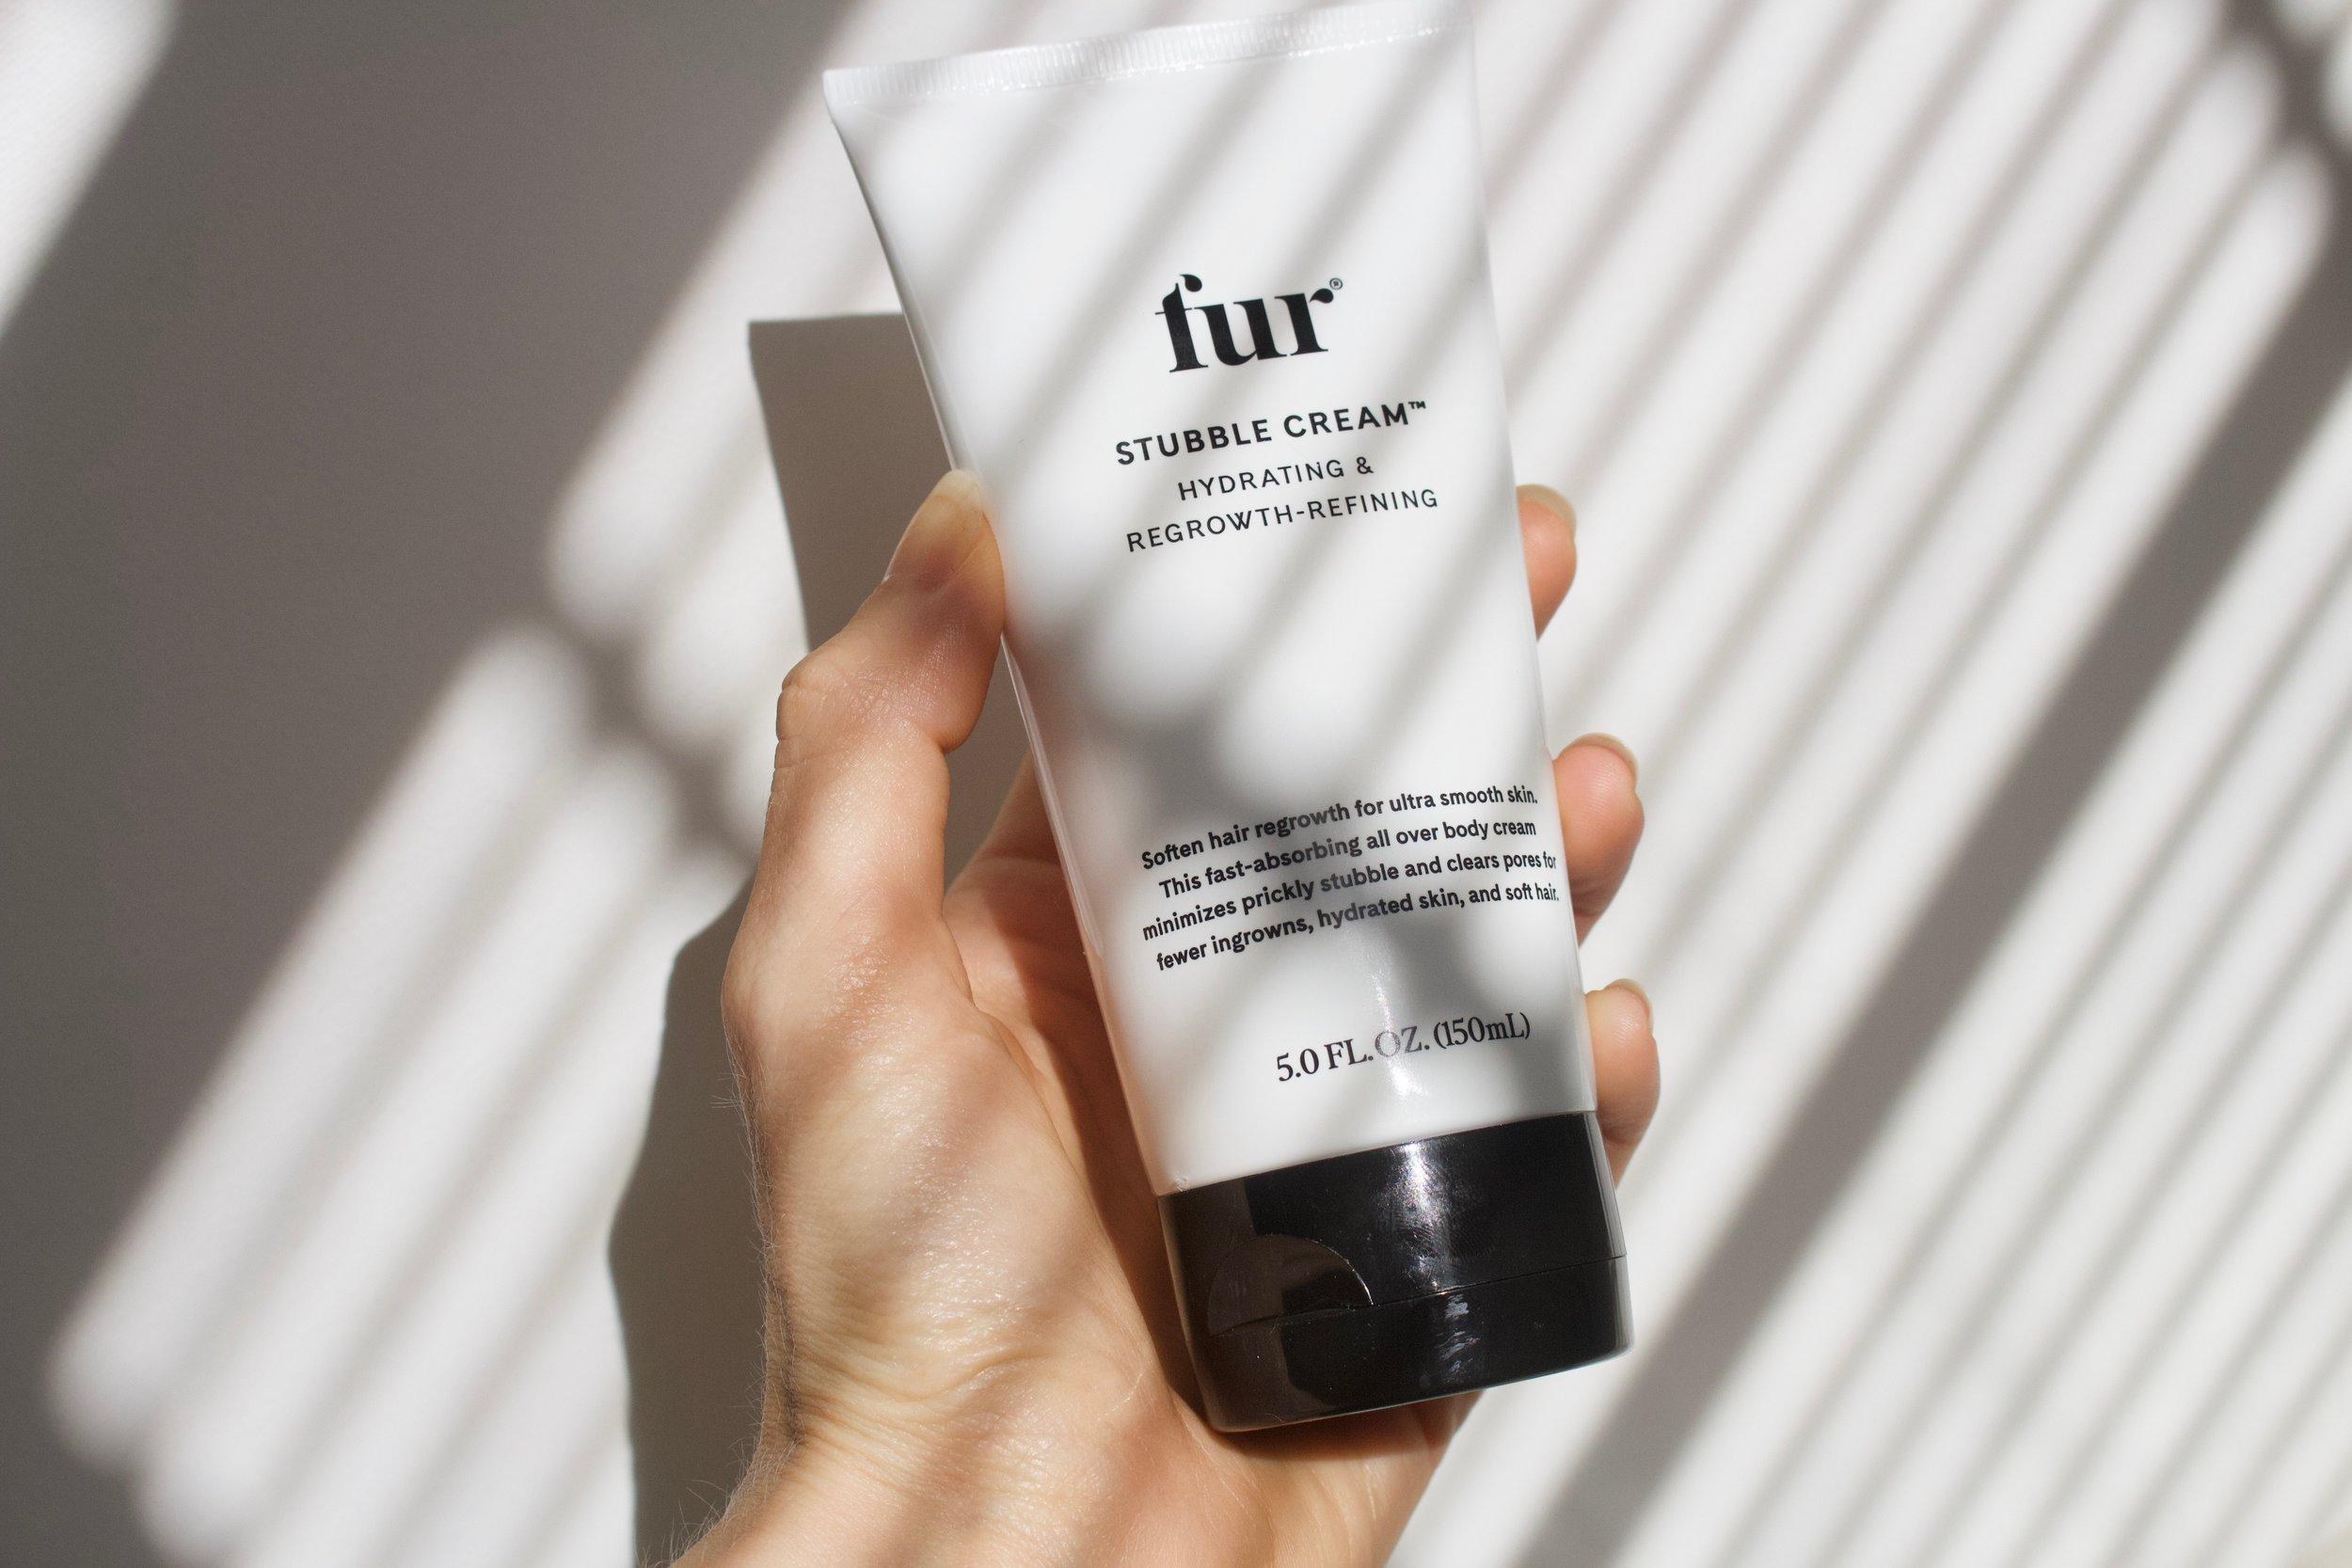 Fur Stubble Cream Review